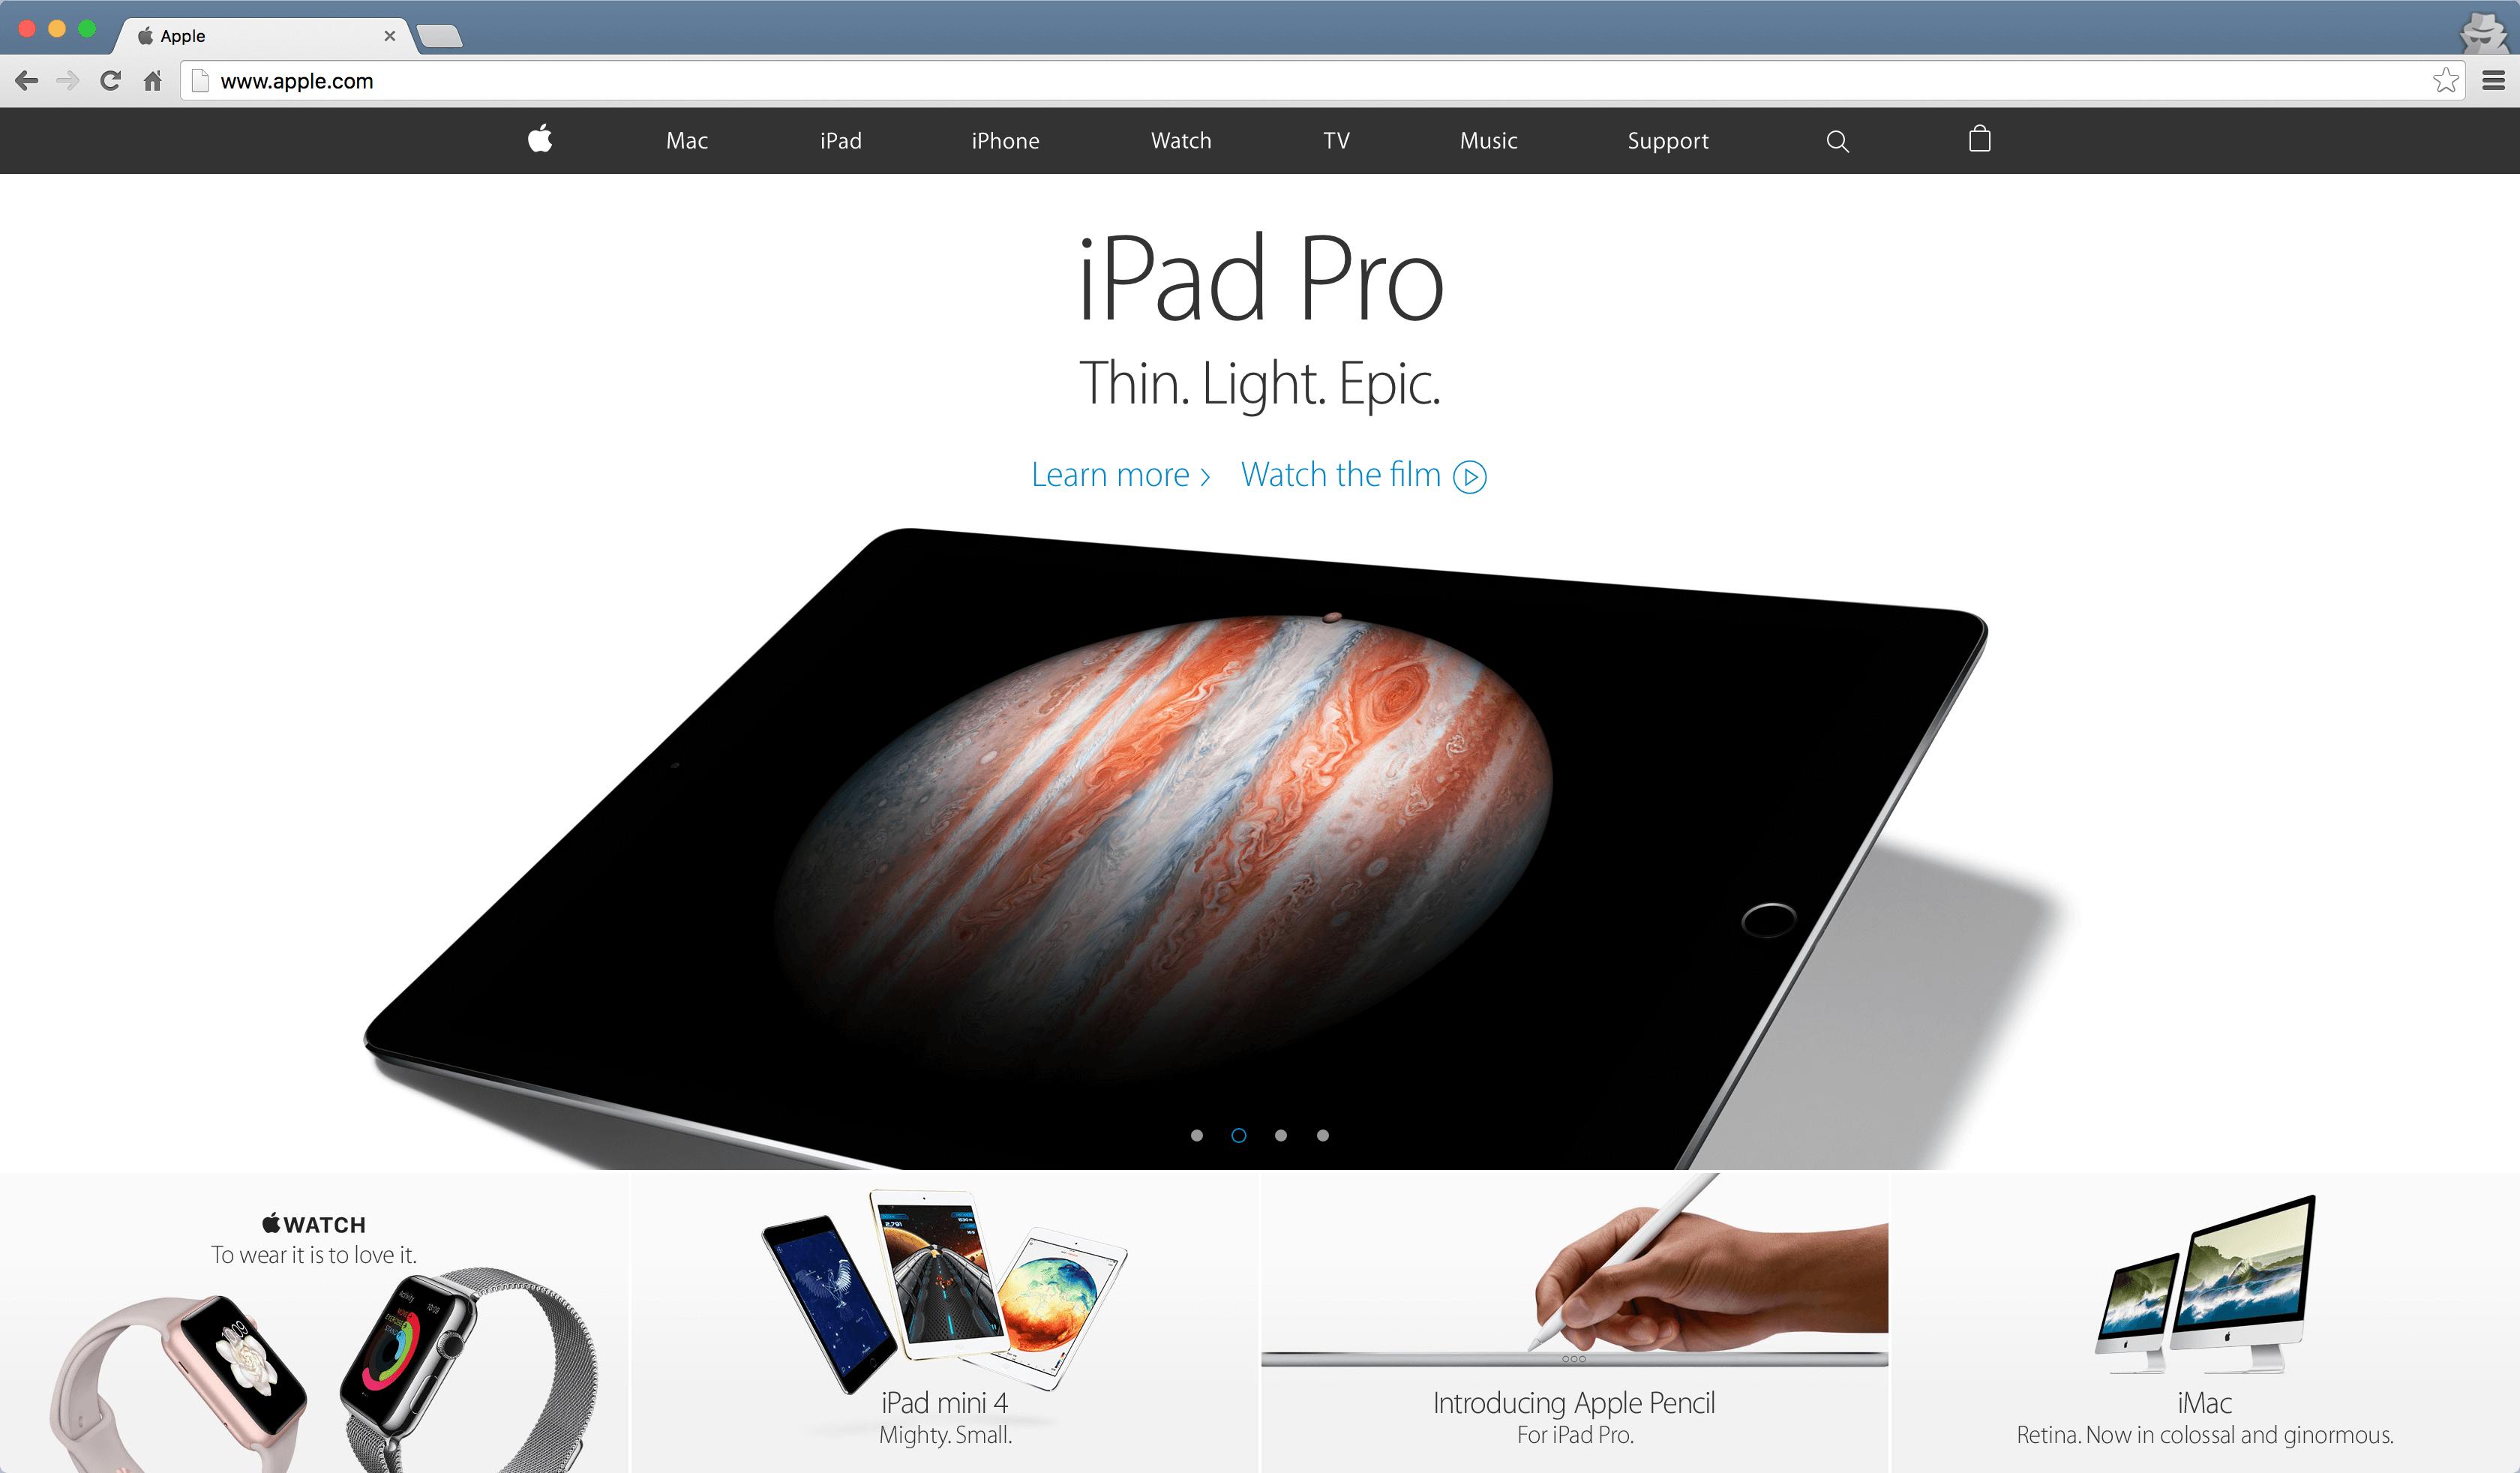 Appleの公式サイトはフラットデザインでデザインされている。